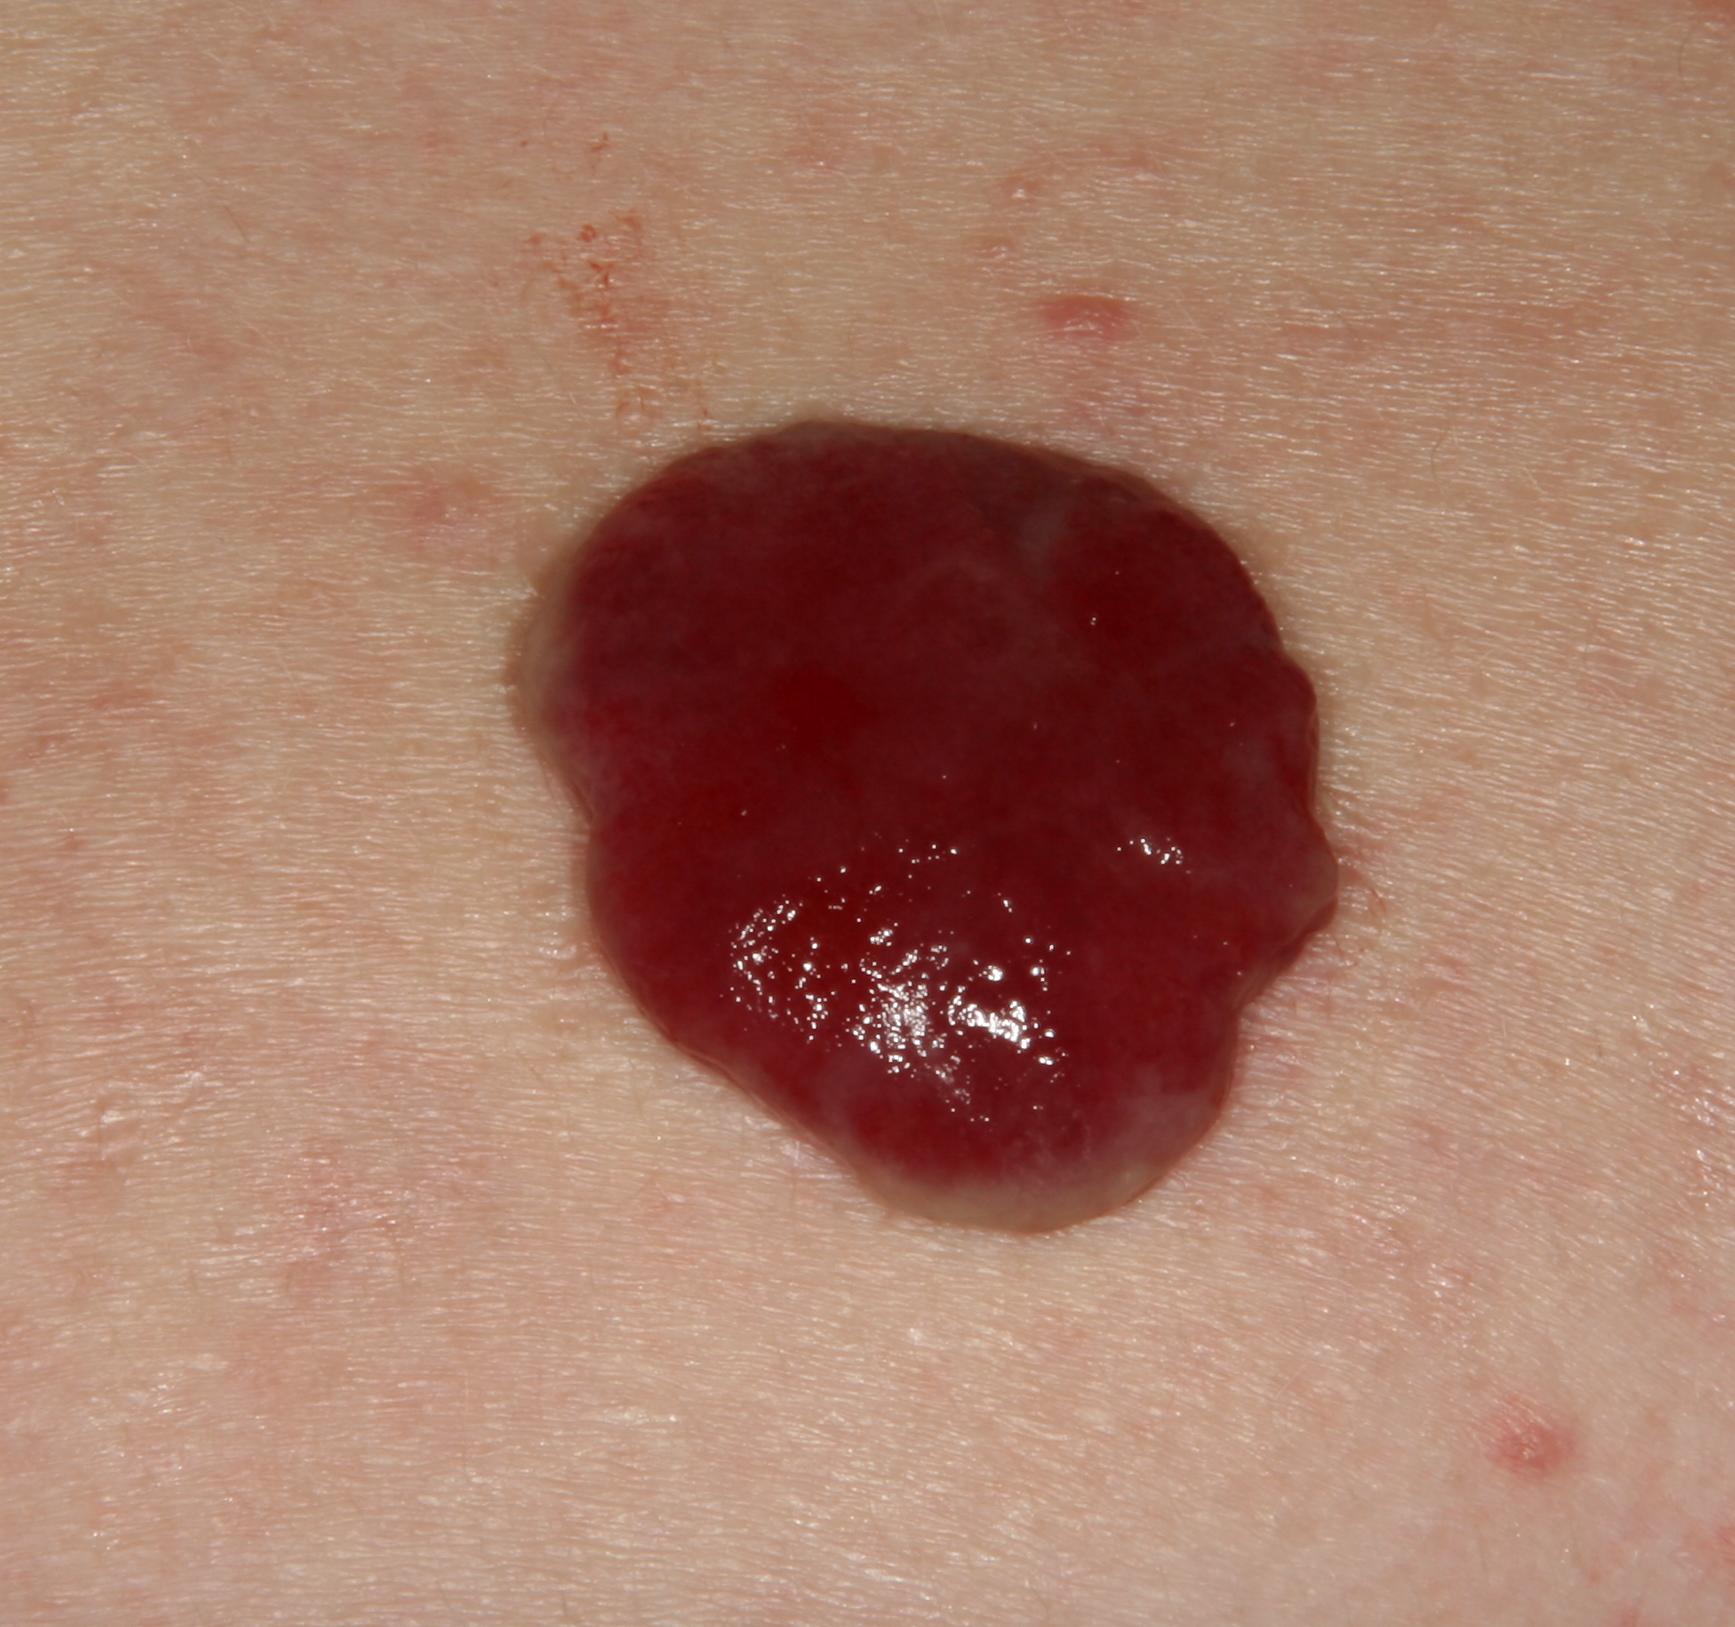 Dermatofibroma: Background, Pathophysiology, Epidemiology